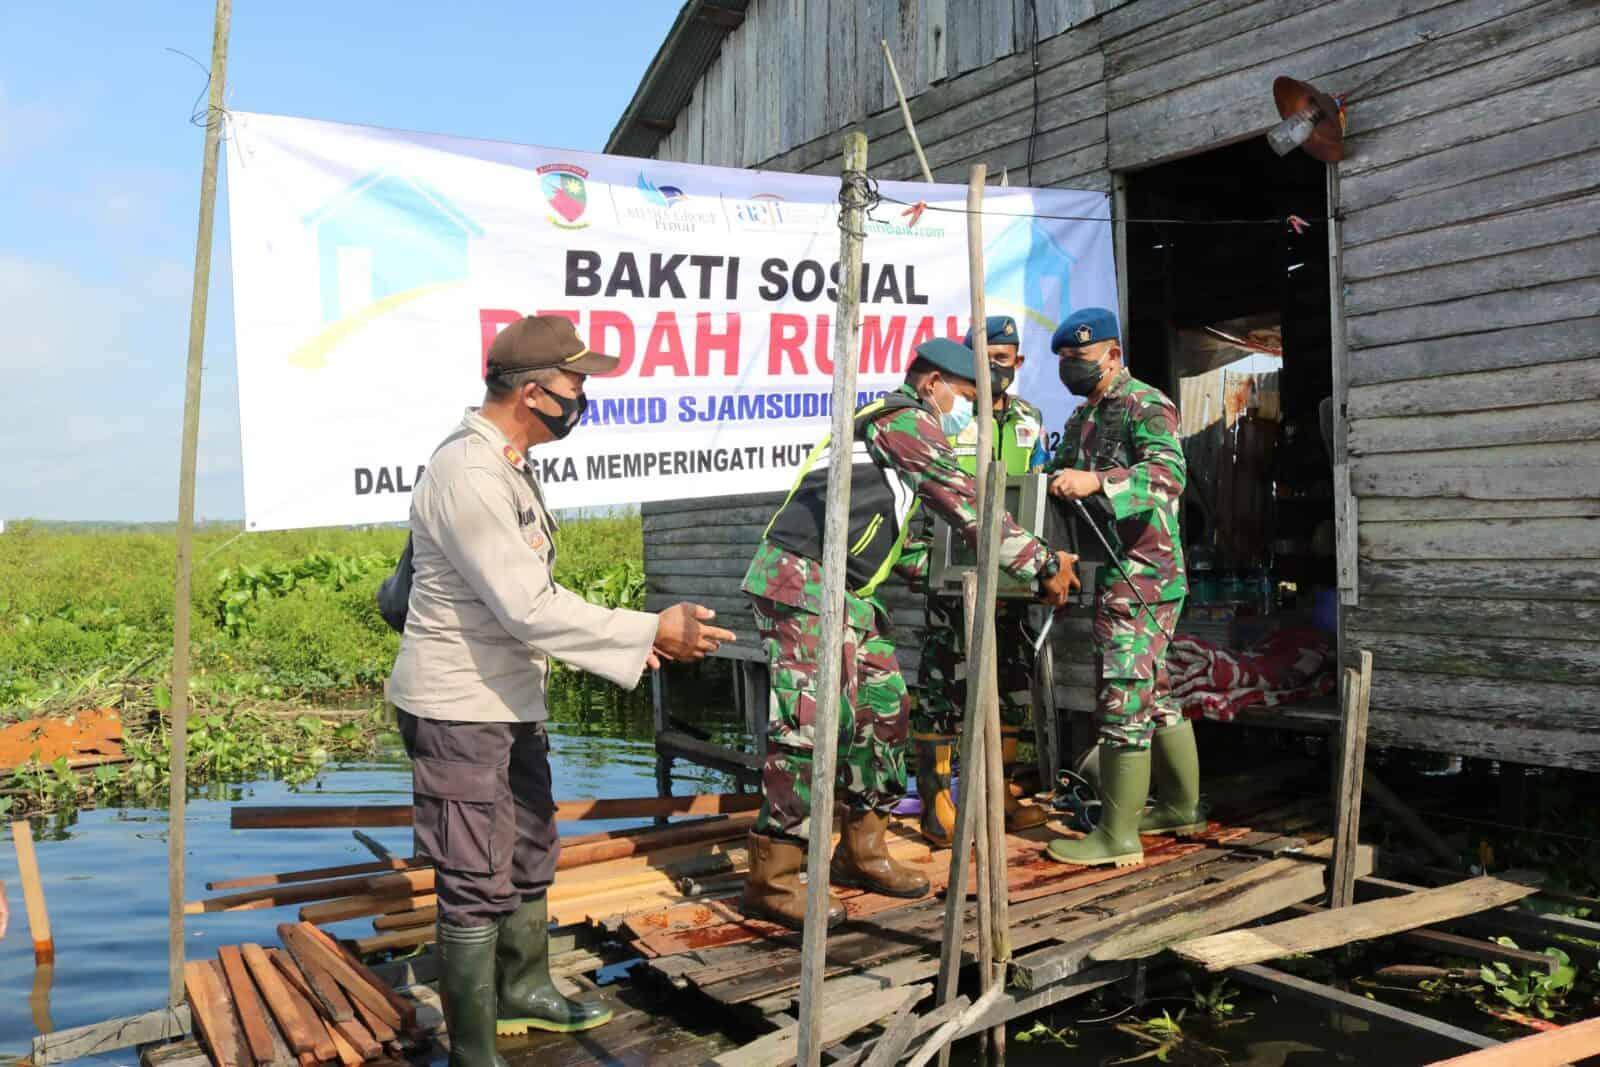 Gerakan Bersama Media Group, Asosiasi Asuransi Jiwa Indonesia, BenihBaik.com Bekerjasama Dengan Lanud Sjamsudin Noor Dalam Rangka Giat Bedah Rumah Rusak Berat Akibat Dampak Banjir di Kalimantan Selatan